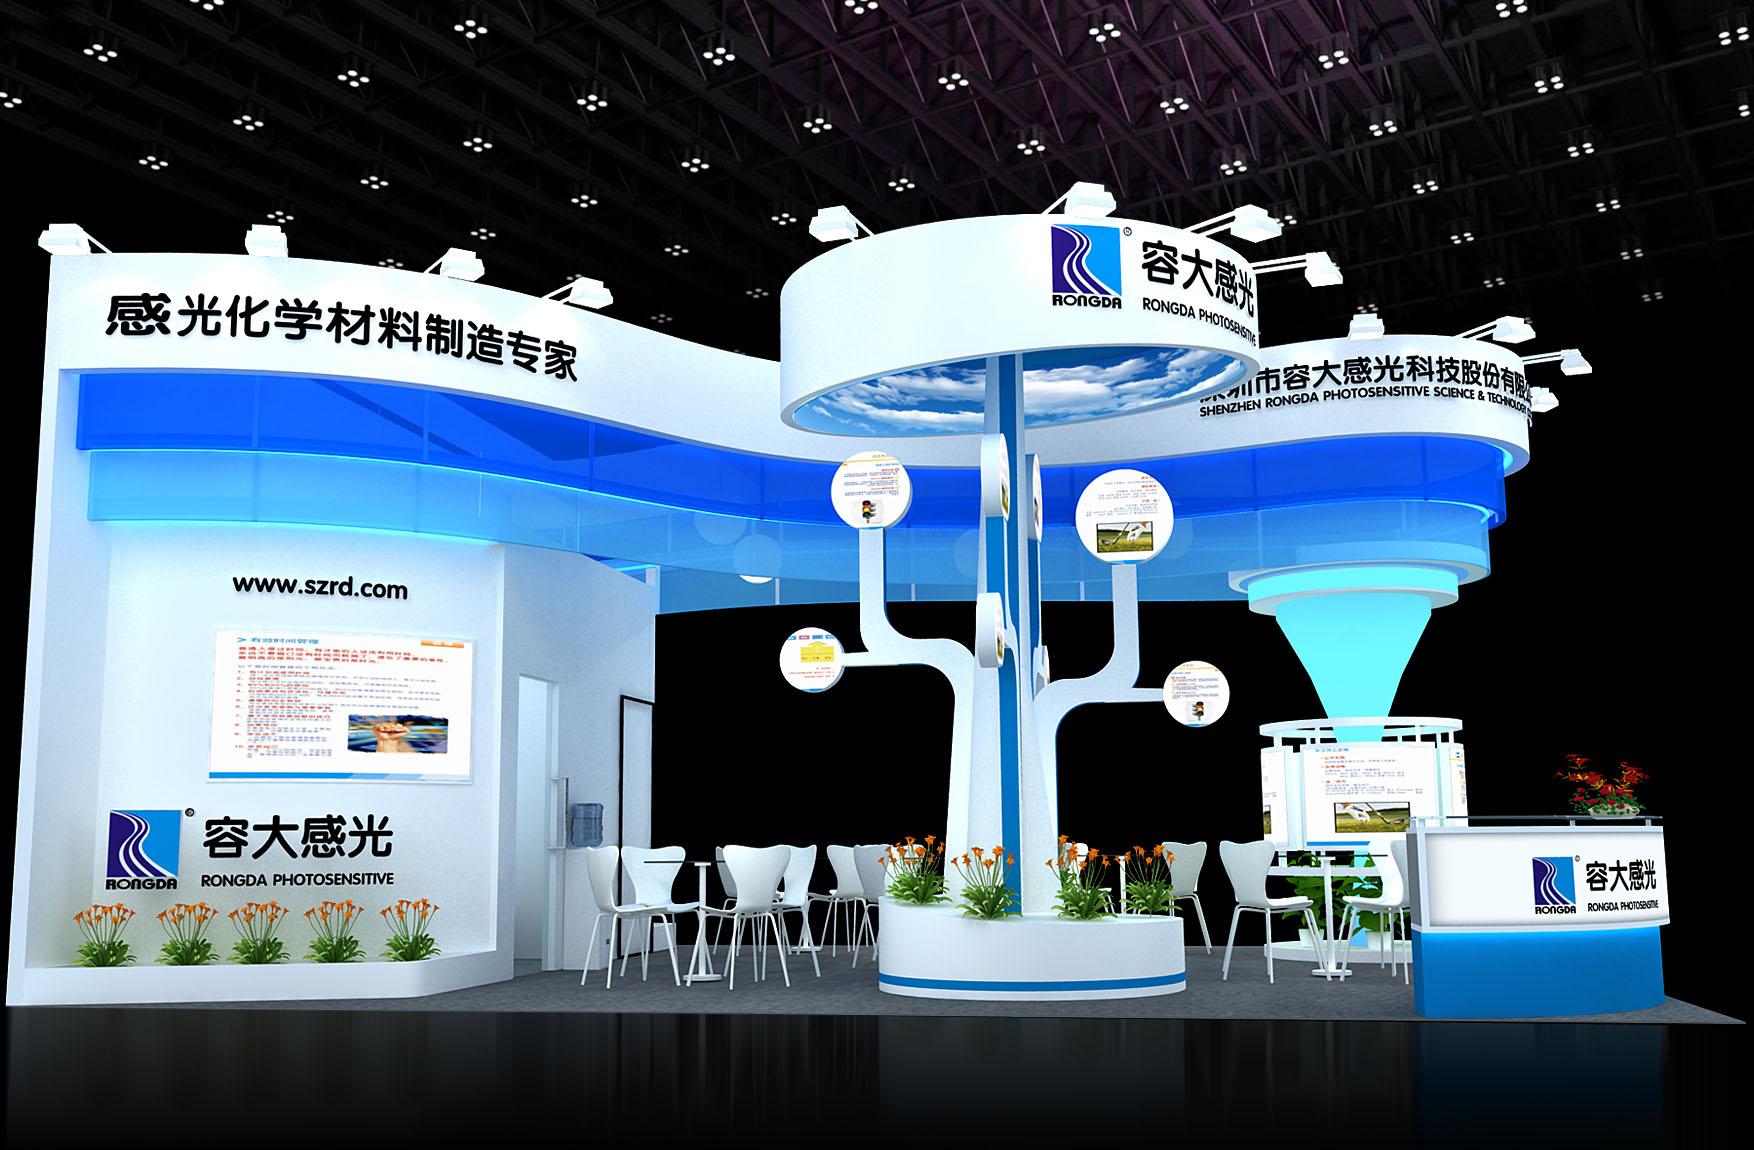 2016年TPCA展览会效果图-深圳市容大感光科技股份有限公司